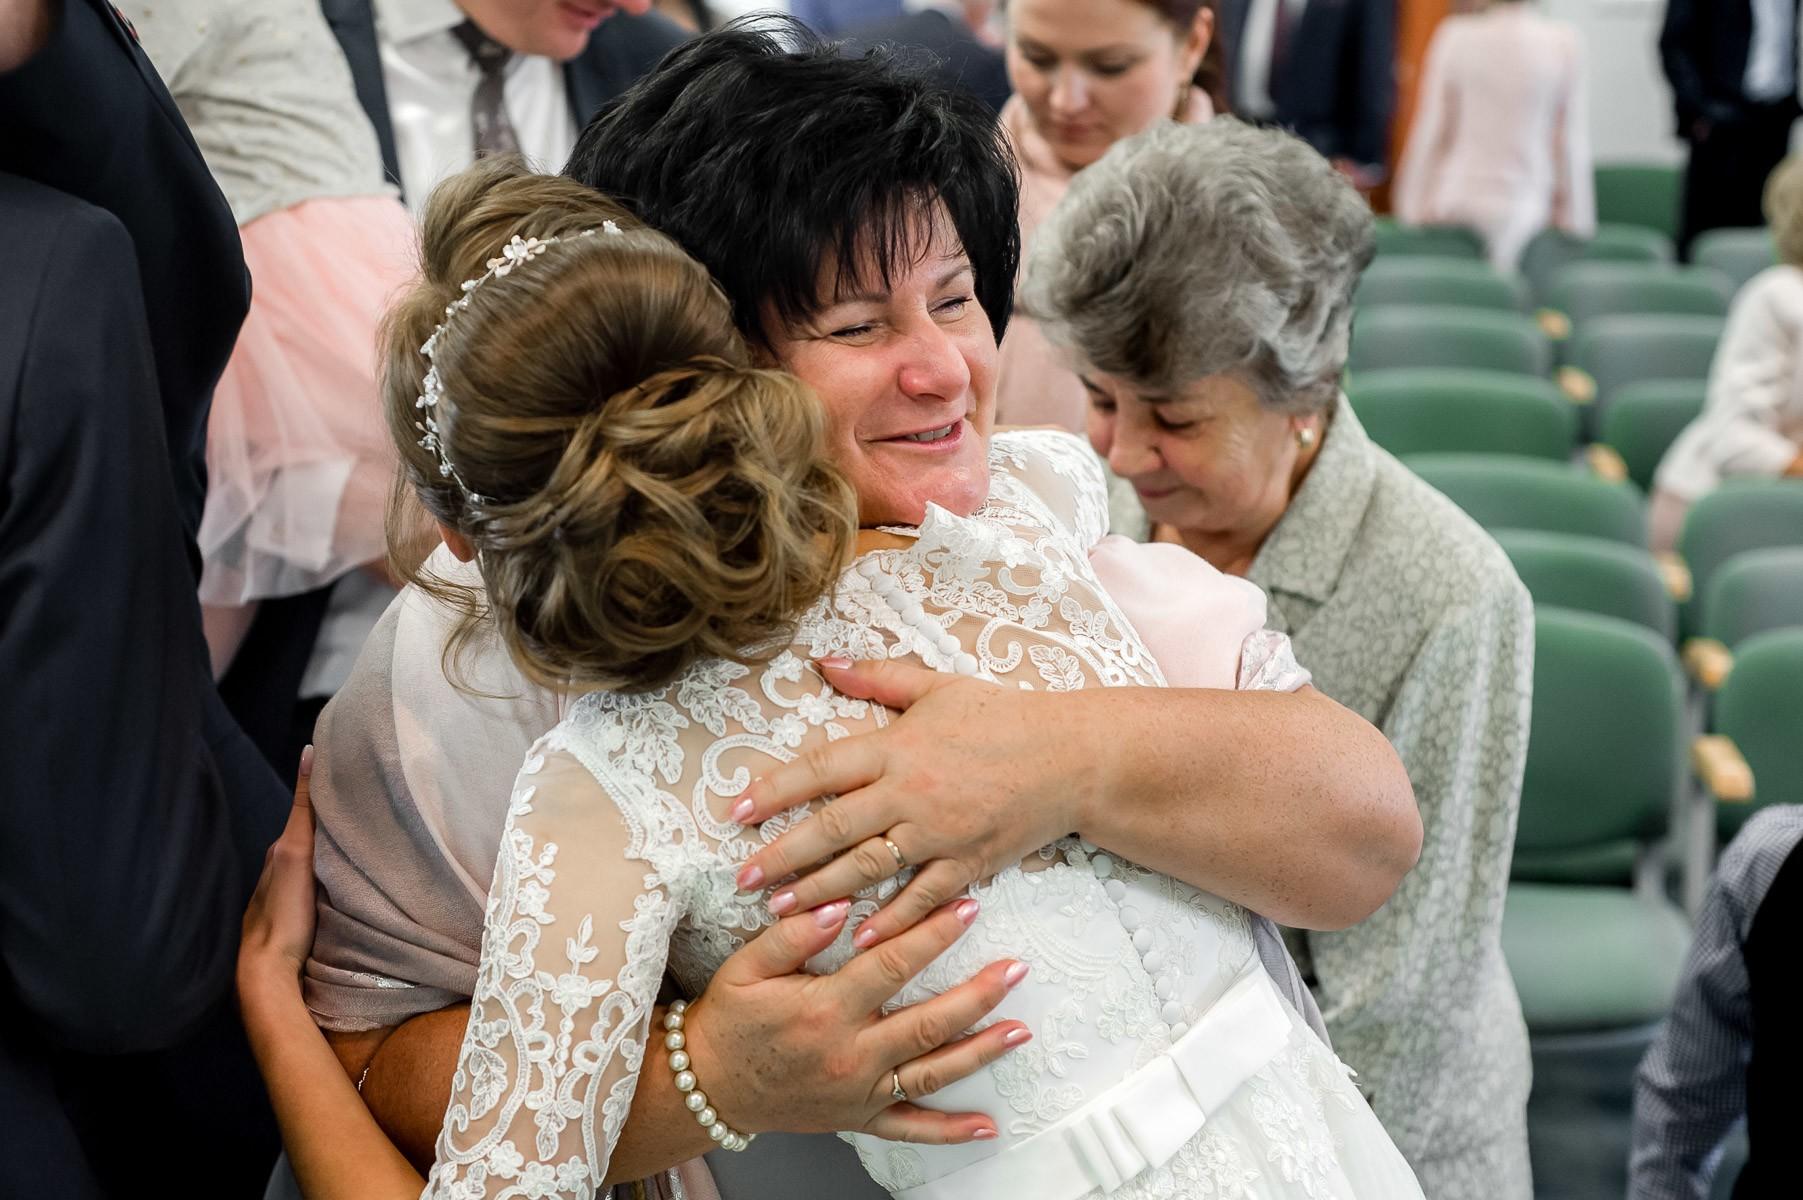 sala na skarpie fotograf slubny slask malopolska adam pietrusiak plener slubny w gorach jw wedding 123